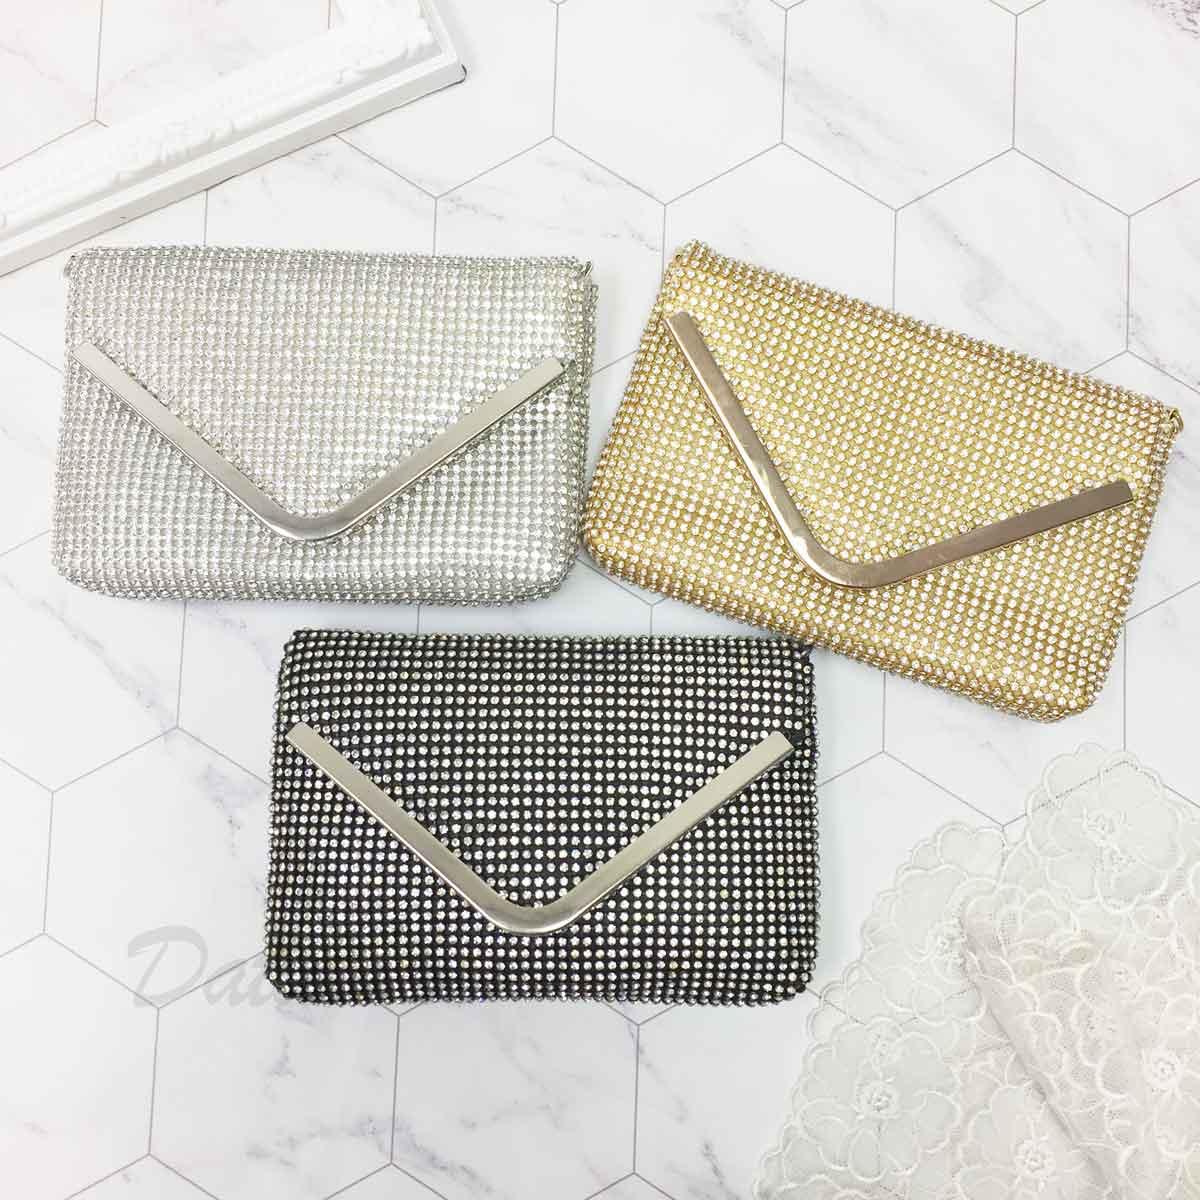 肩背包 側背包 質感 水鑽 磁扣開口 3色 採用施華洛世奇水晶元素 Crystals from Swarovski